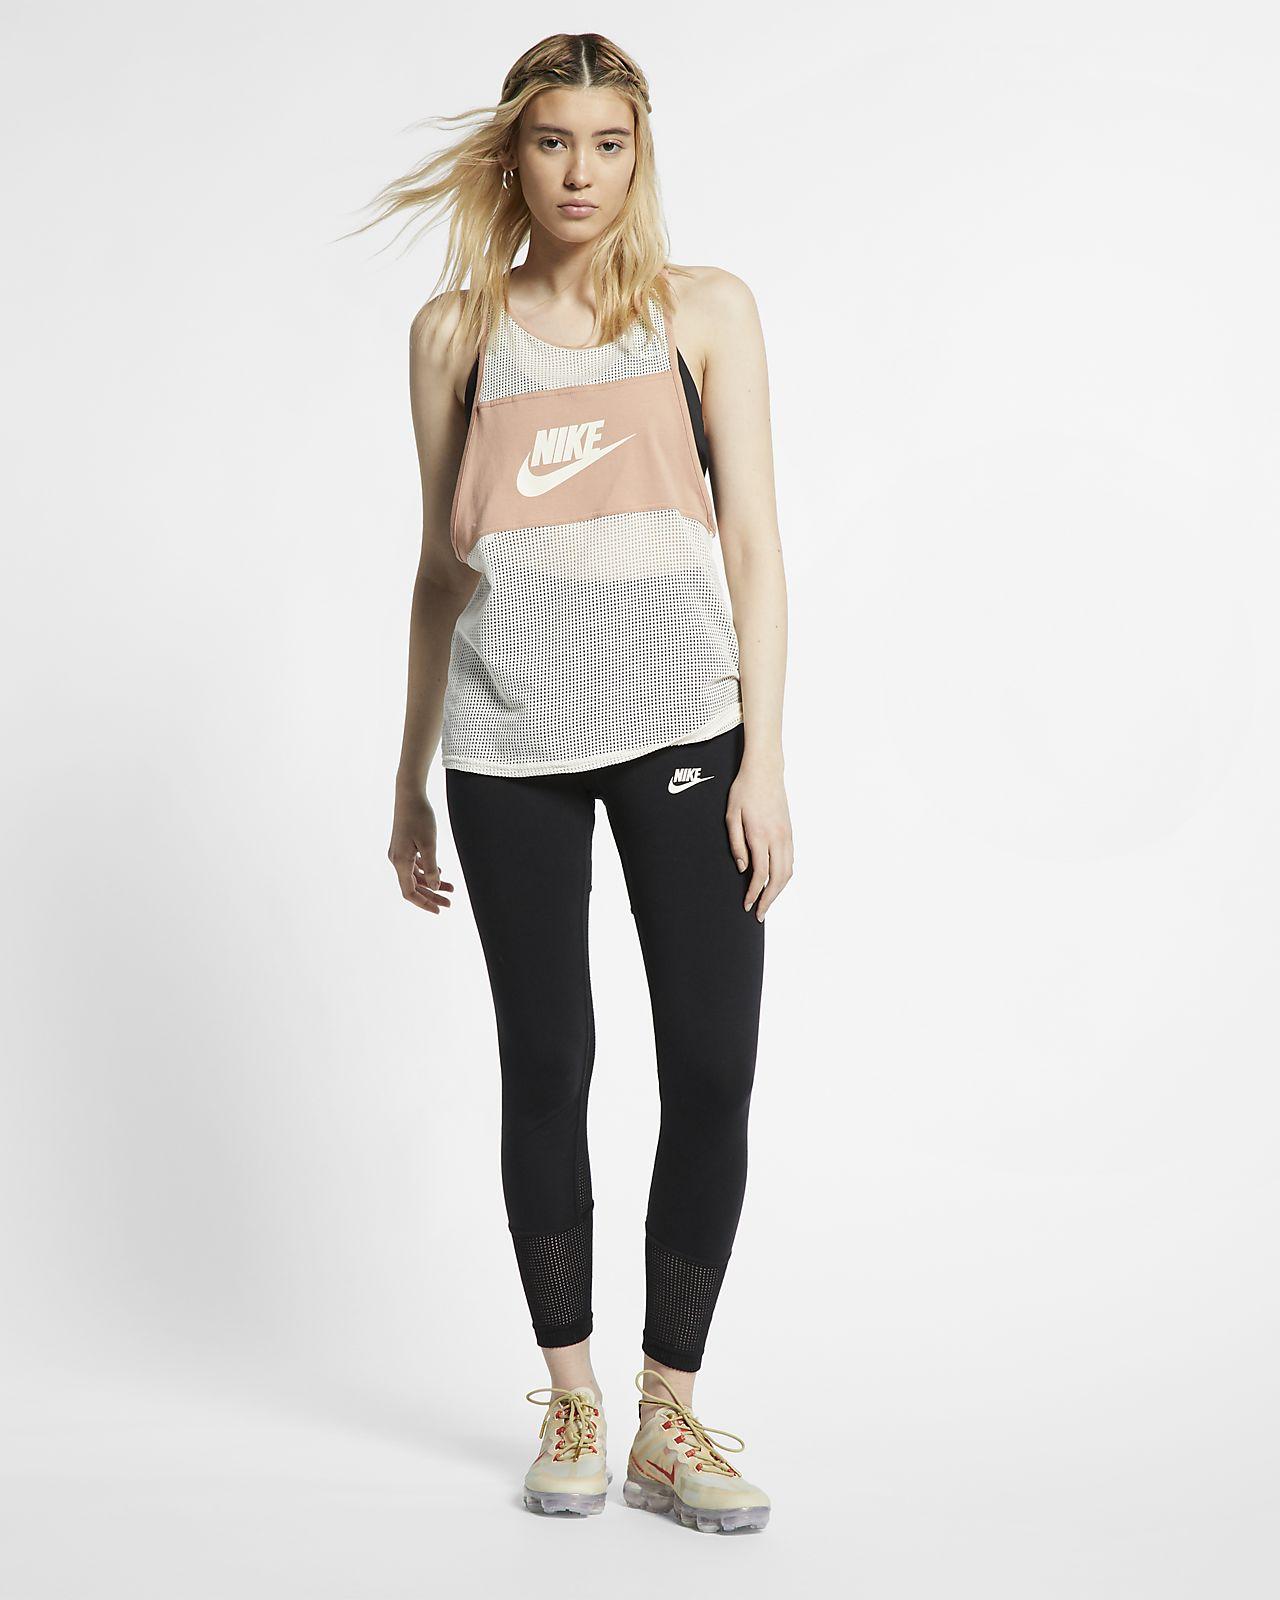 6092f908ebcbaa Low Resolution Nike Sportswear Women's Mesh Leggings Nike Sportswear  Women's Mesh Leggings